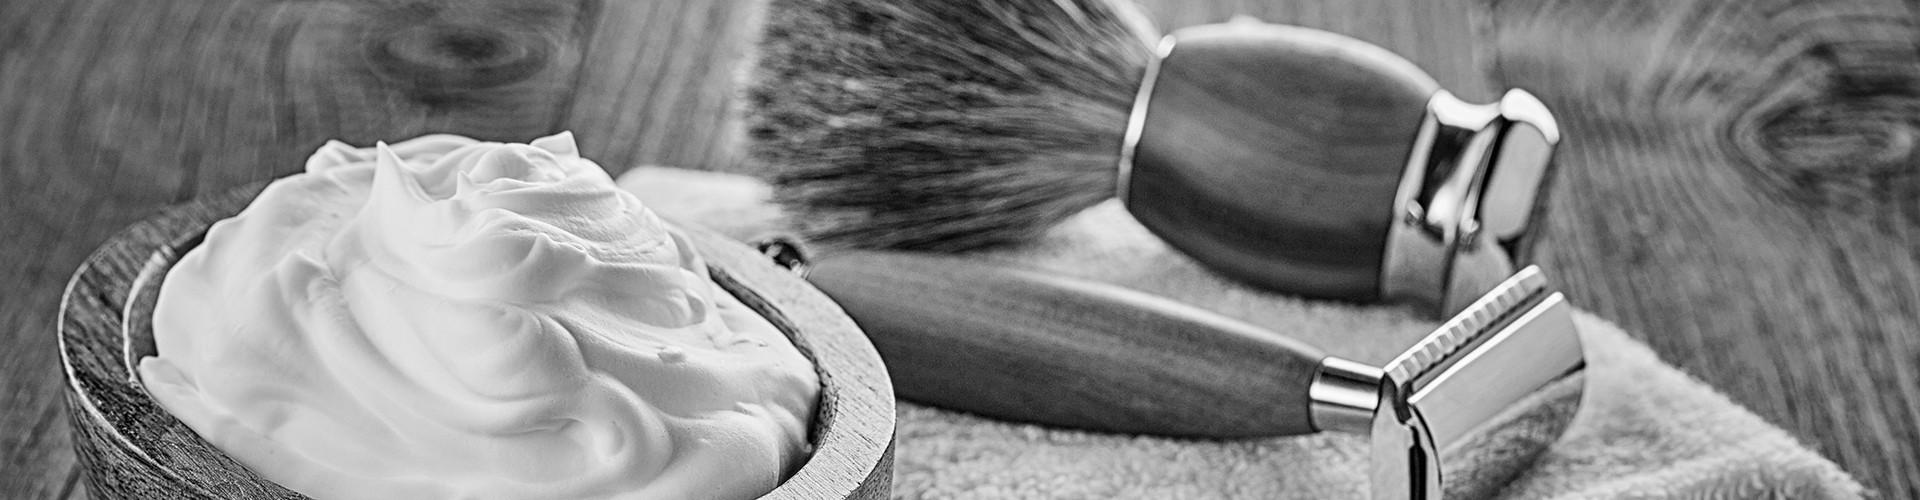 Produits de rasage et cosmétiques pour homme